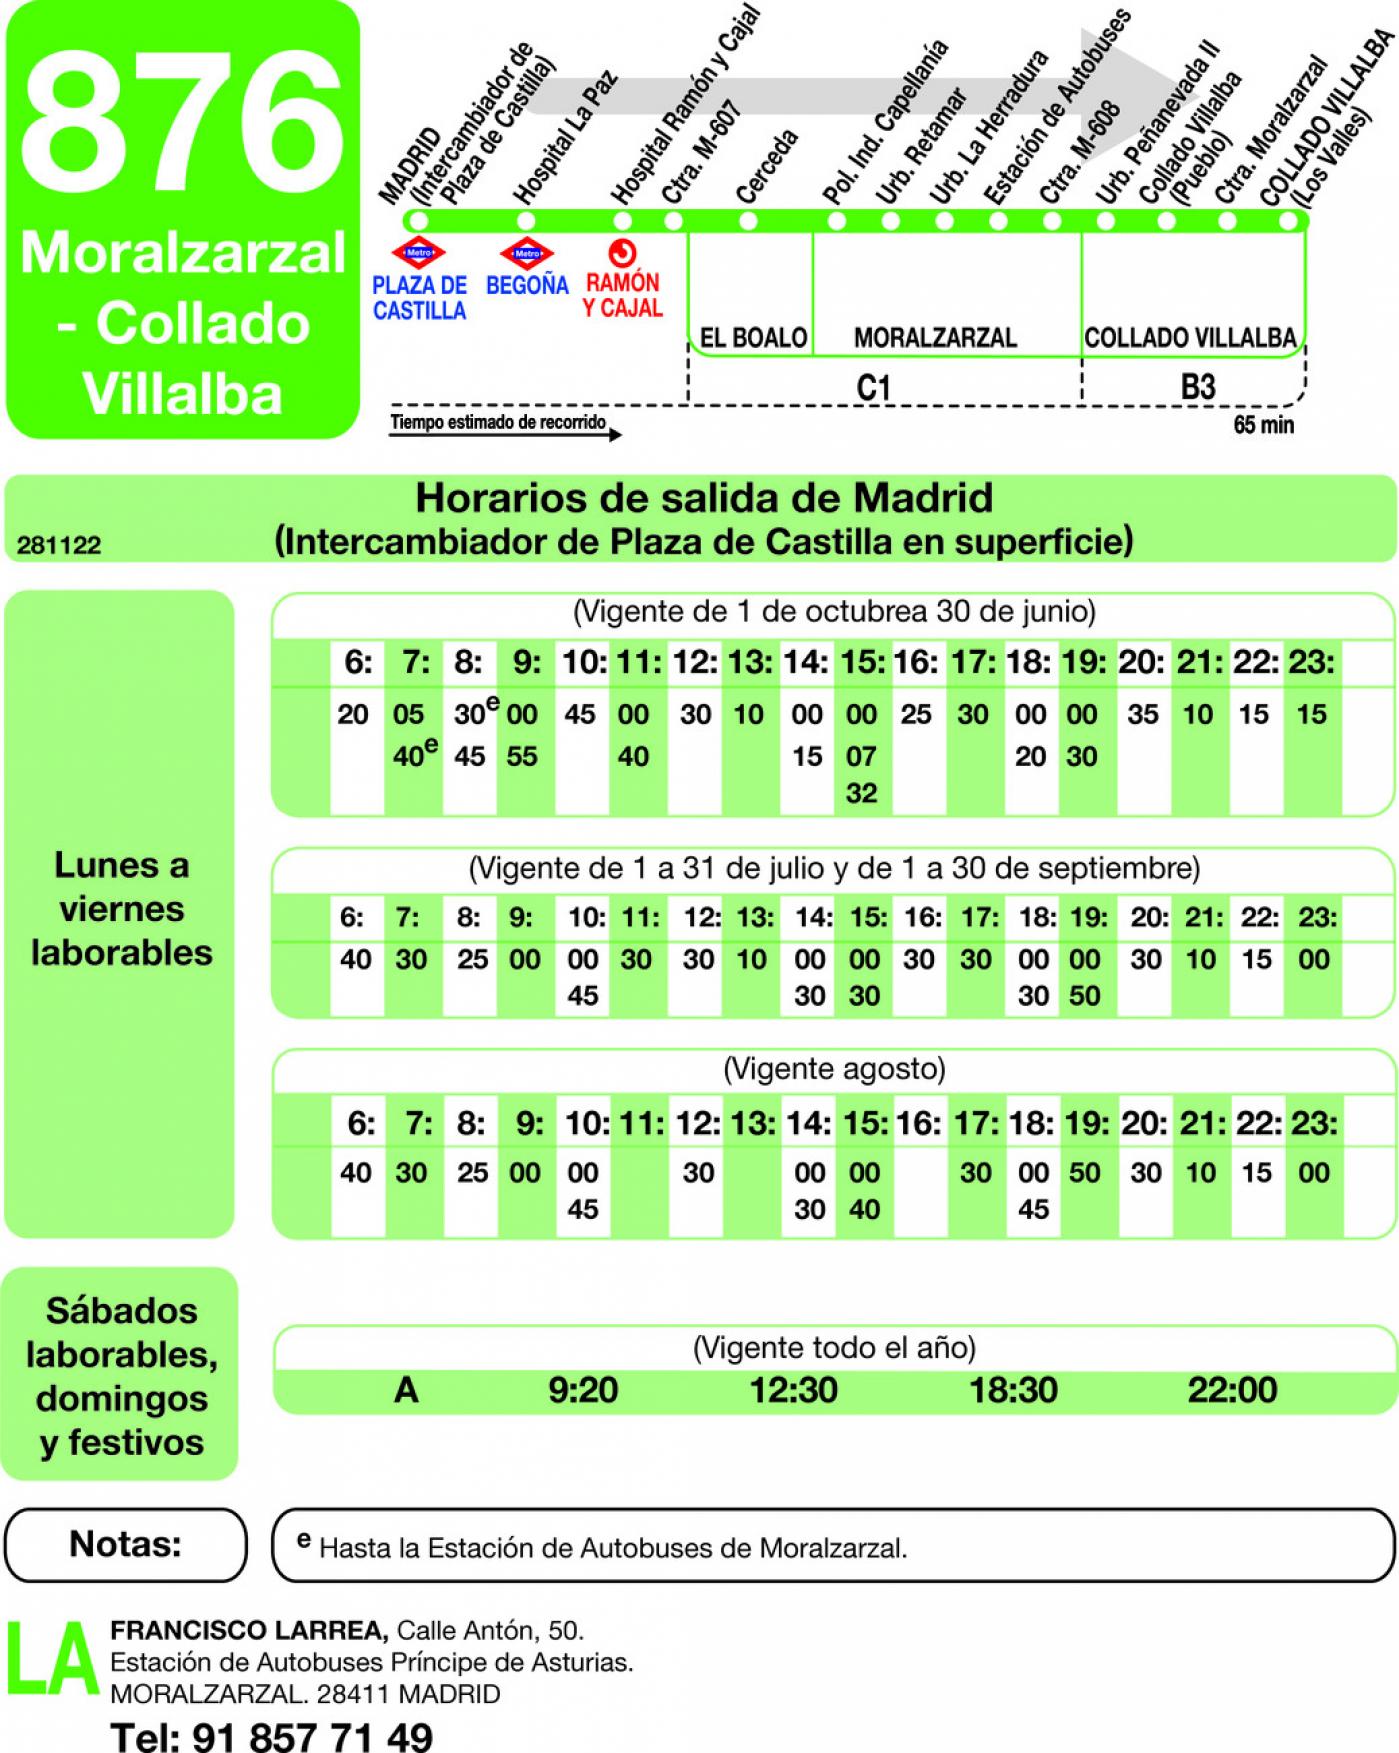 Tabla de horarios y frecuencias de paso en sentido ida Línea 876: Madrid (Plaza Castilla) - Moralzarzal - Collado Villalba